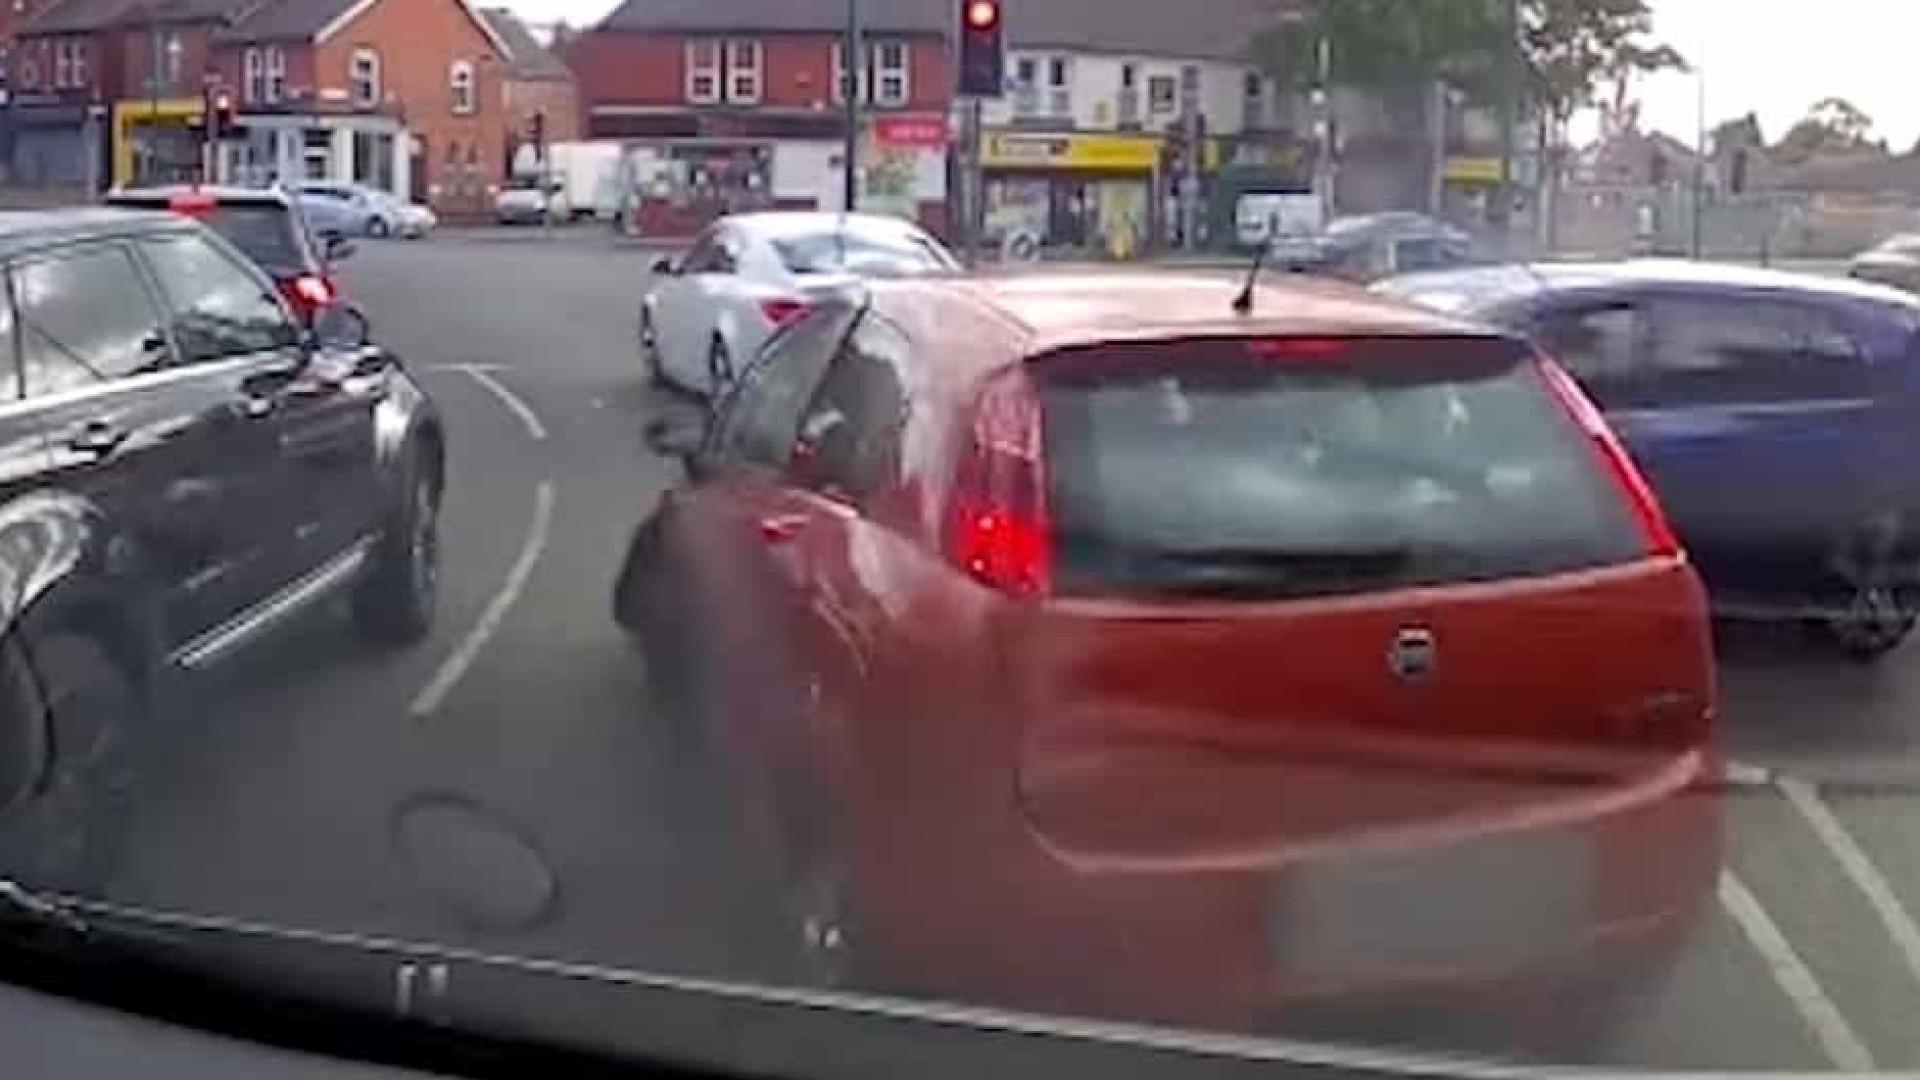 Traficante perde controle de carro e bate em veículos parados